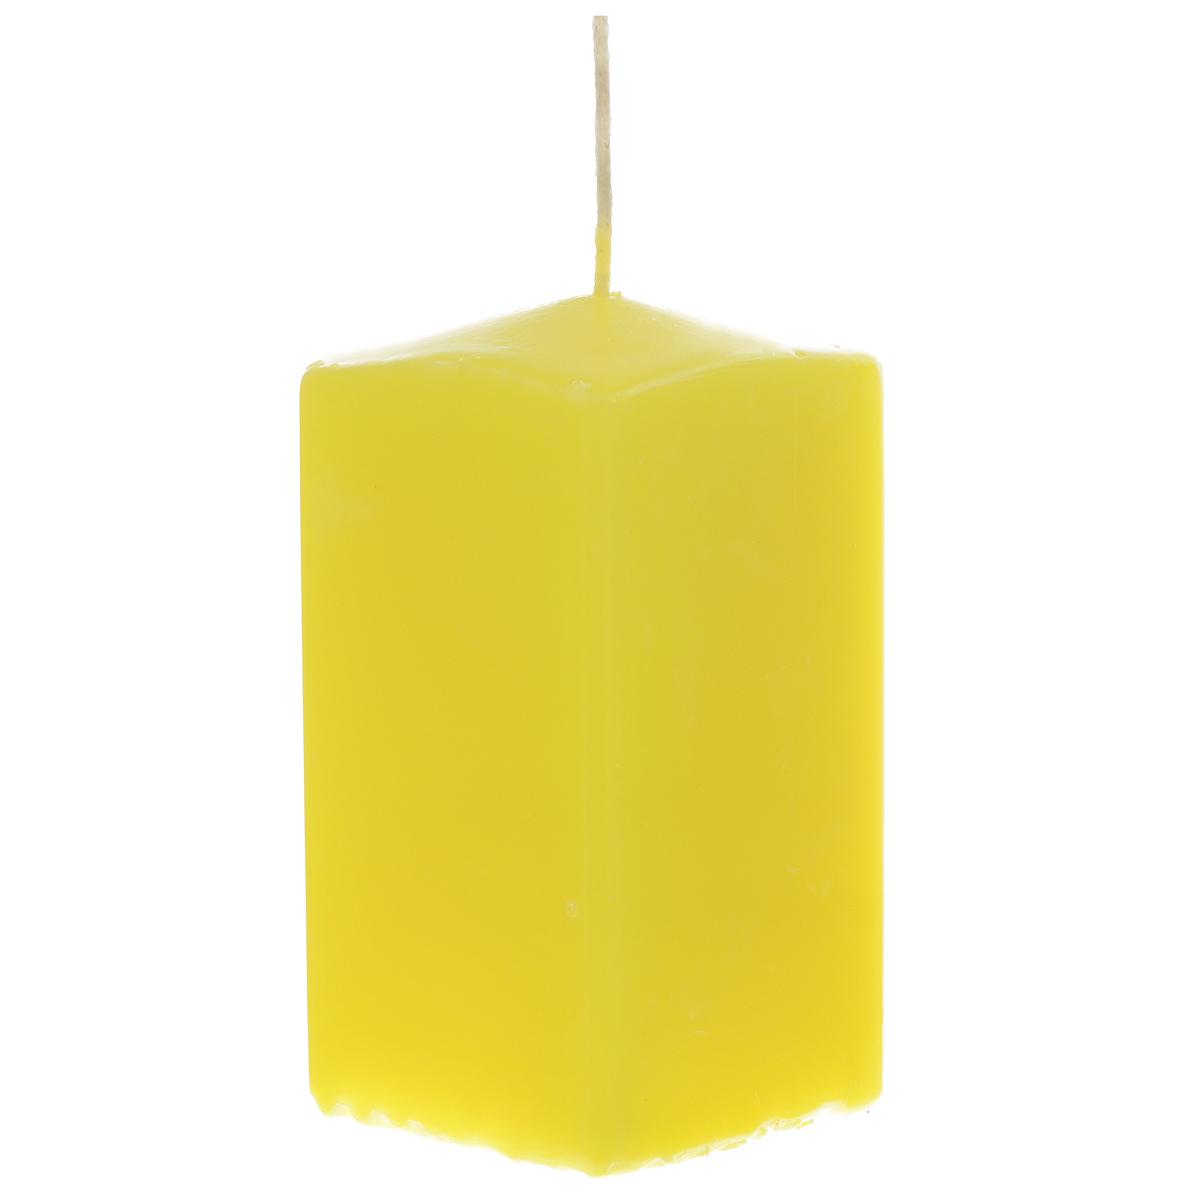 Свеча Sima-land Аромат огня, цвет: желтый, высота 10 см. 175476175476Свеча Sima-land Аромат огня выполнена из парафина в классическом стиле.Изделие порадует вас ярким дизайном. Такую свечу можно поставить в любое место и она станет ярким украшением интерьера. Свеча Sima-land Аромат огня создаст незабываемую атмосферу, будь то торжество, романтический вечер или будничный день.